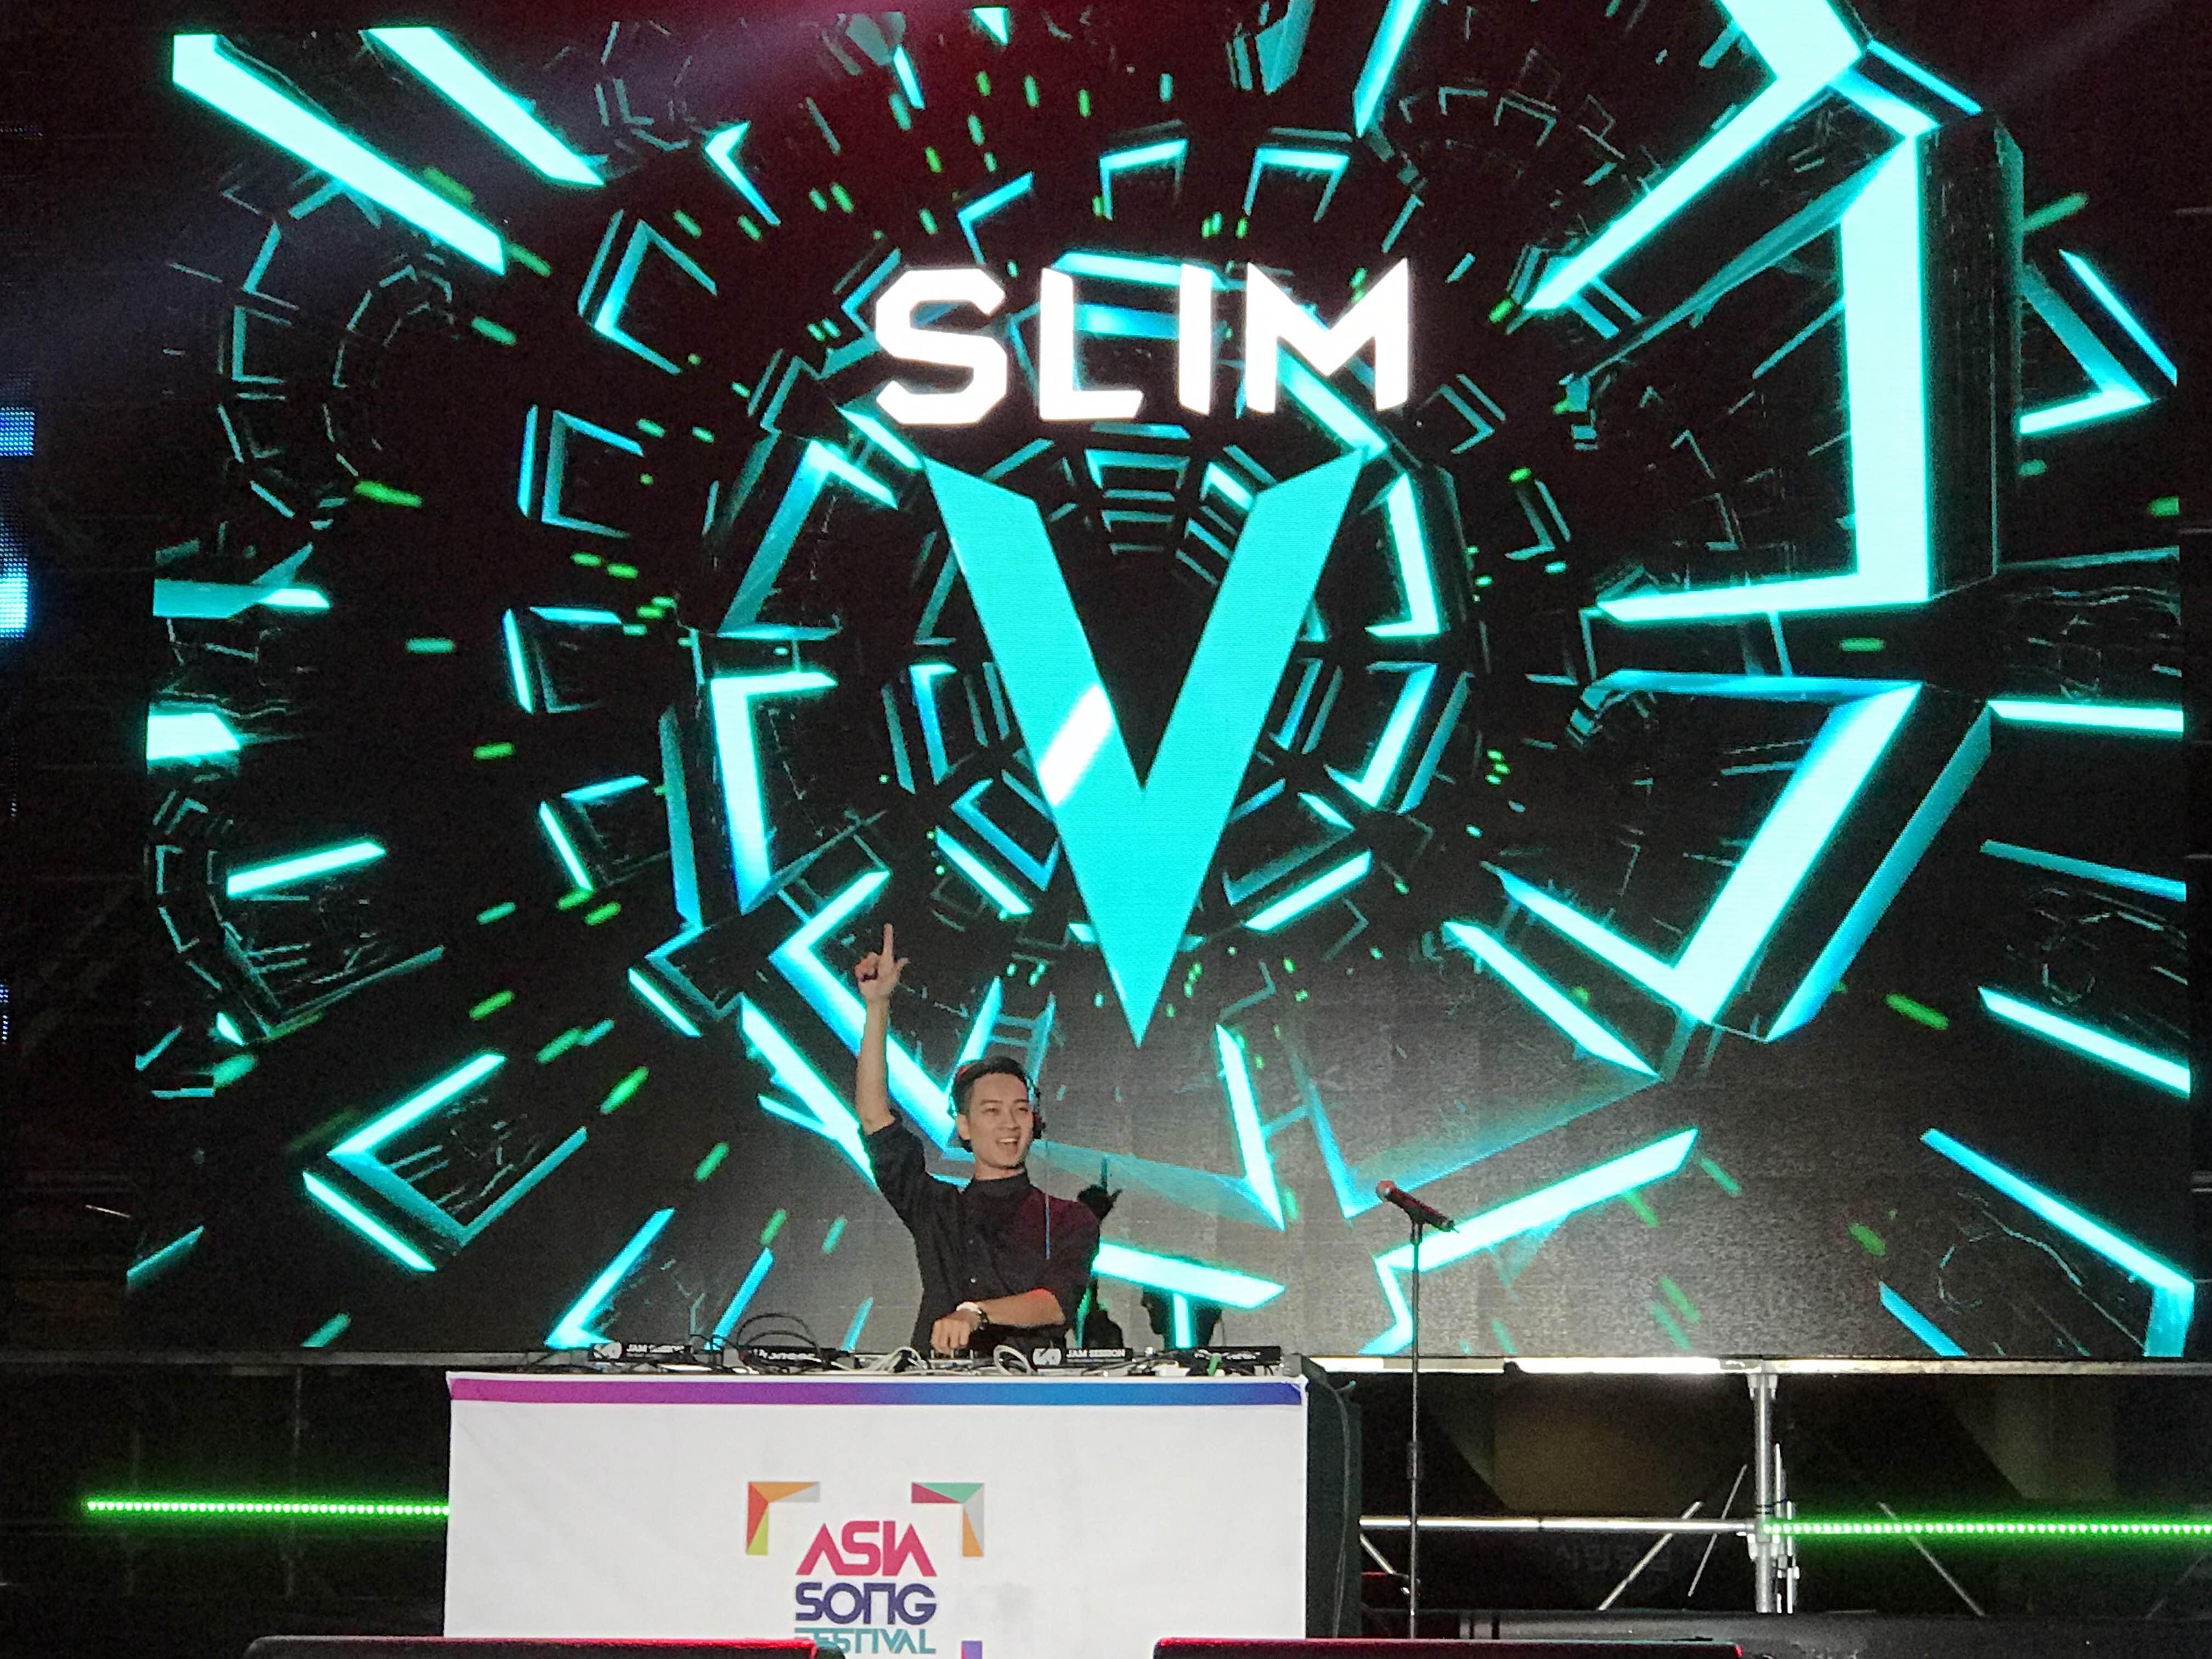 SlimV đội nón lá, trình diễn ấn tượng tại Asia Song Festival 4